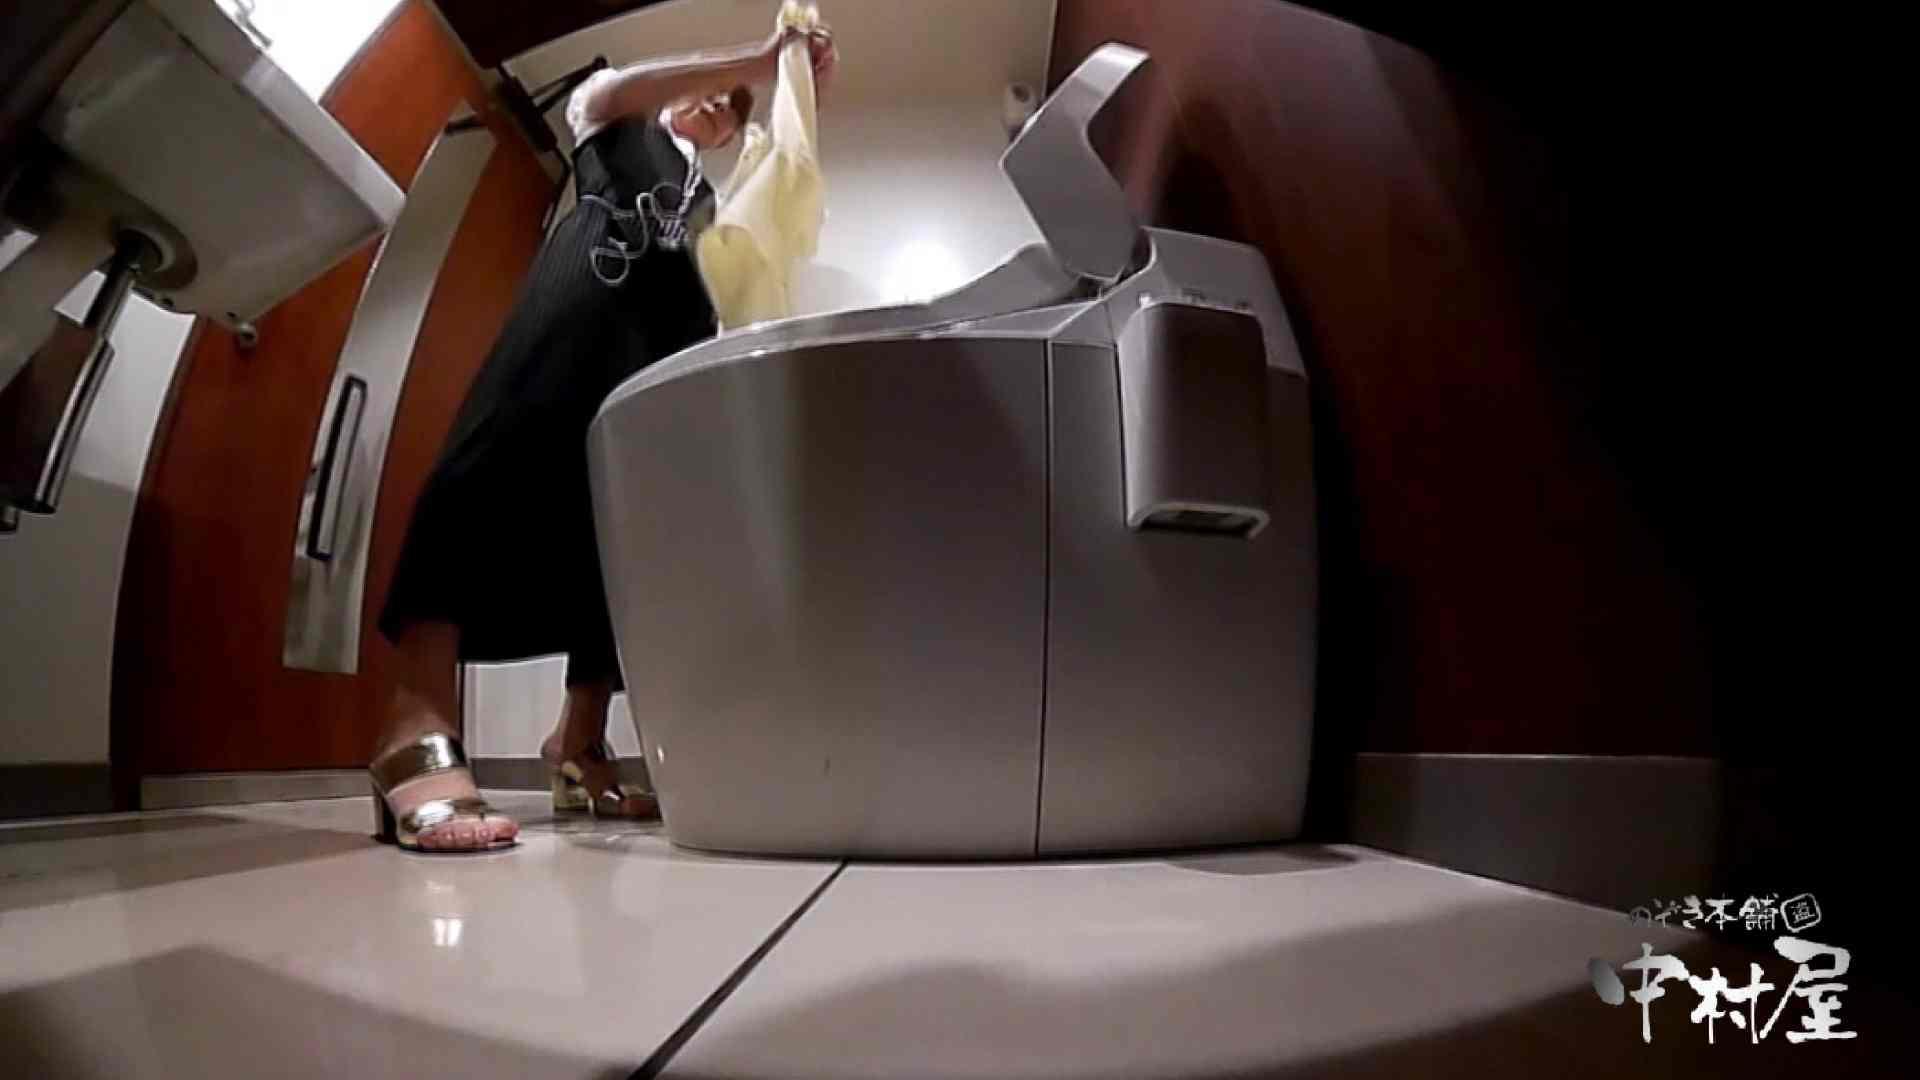 高画質トイレ盗撮vol.19 女子トイレ潜入 ヌード画像 89pic 4